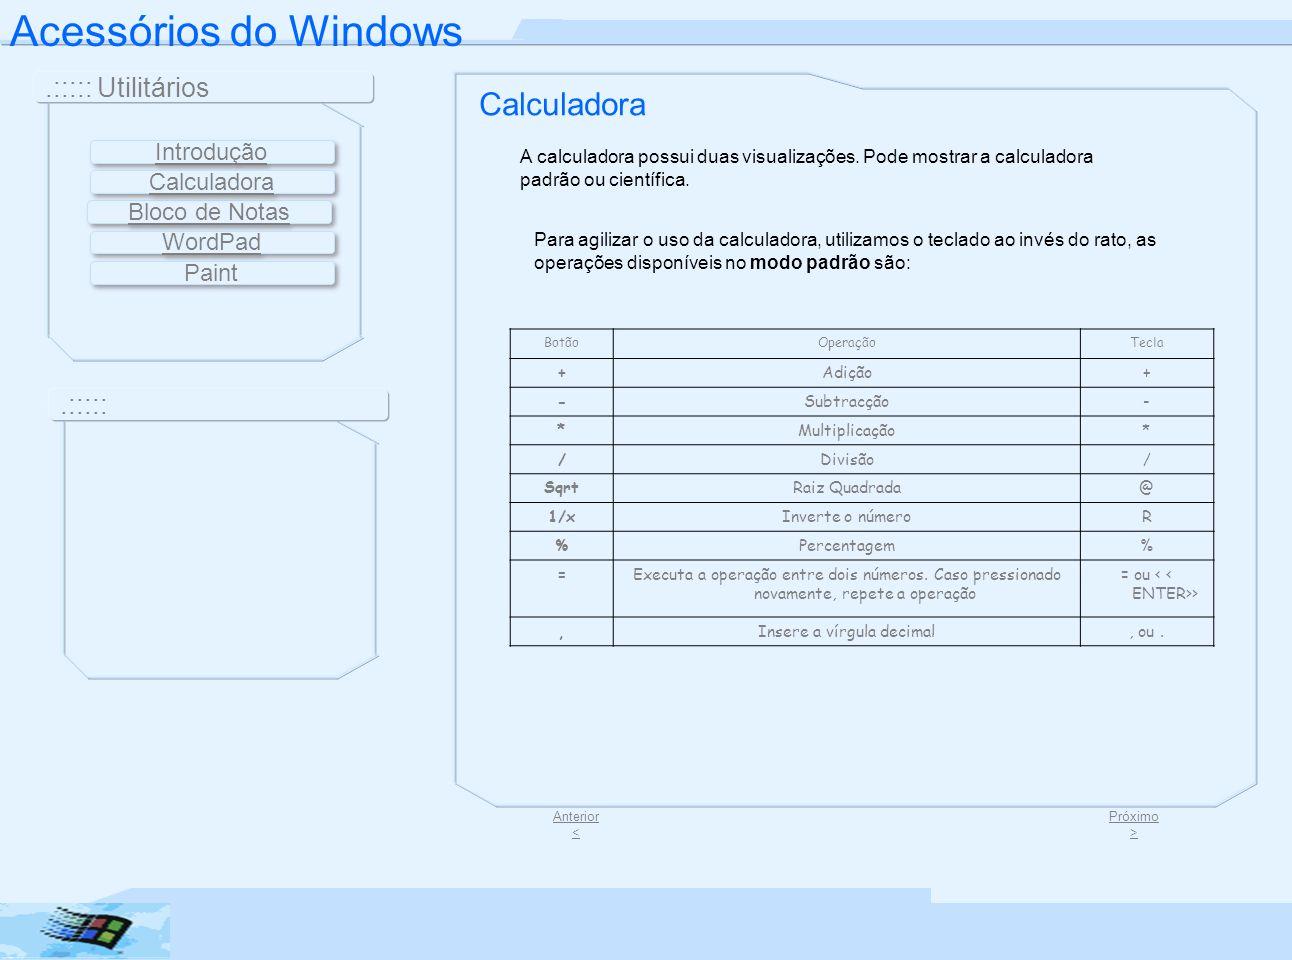 Acessórios do Windows.::::: Utilitários.::::: Área de Transferência CLimpa o número exibido actualmente > CELimpa o cálculo actual > MCLimpa a memória > +L MRExibe o valor armazenado na memória > +R MSSubstitui o valor da memória pelo do visor > +M M+Adiciona o valor ao conteúdo da memória > +P Calculadora Próximo > Para alterar o padrão da calculadora basta ir na barra de menu, clicar Exibir, e clicar o padrão desejado.